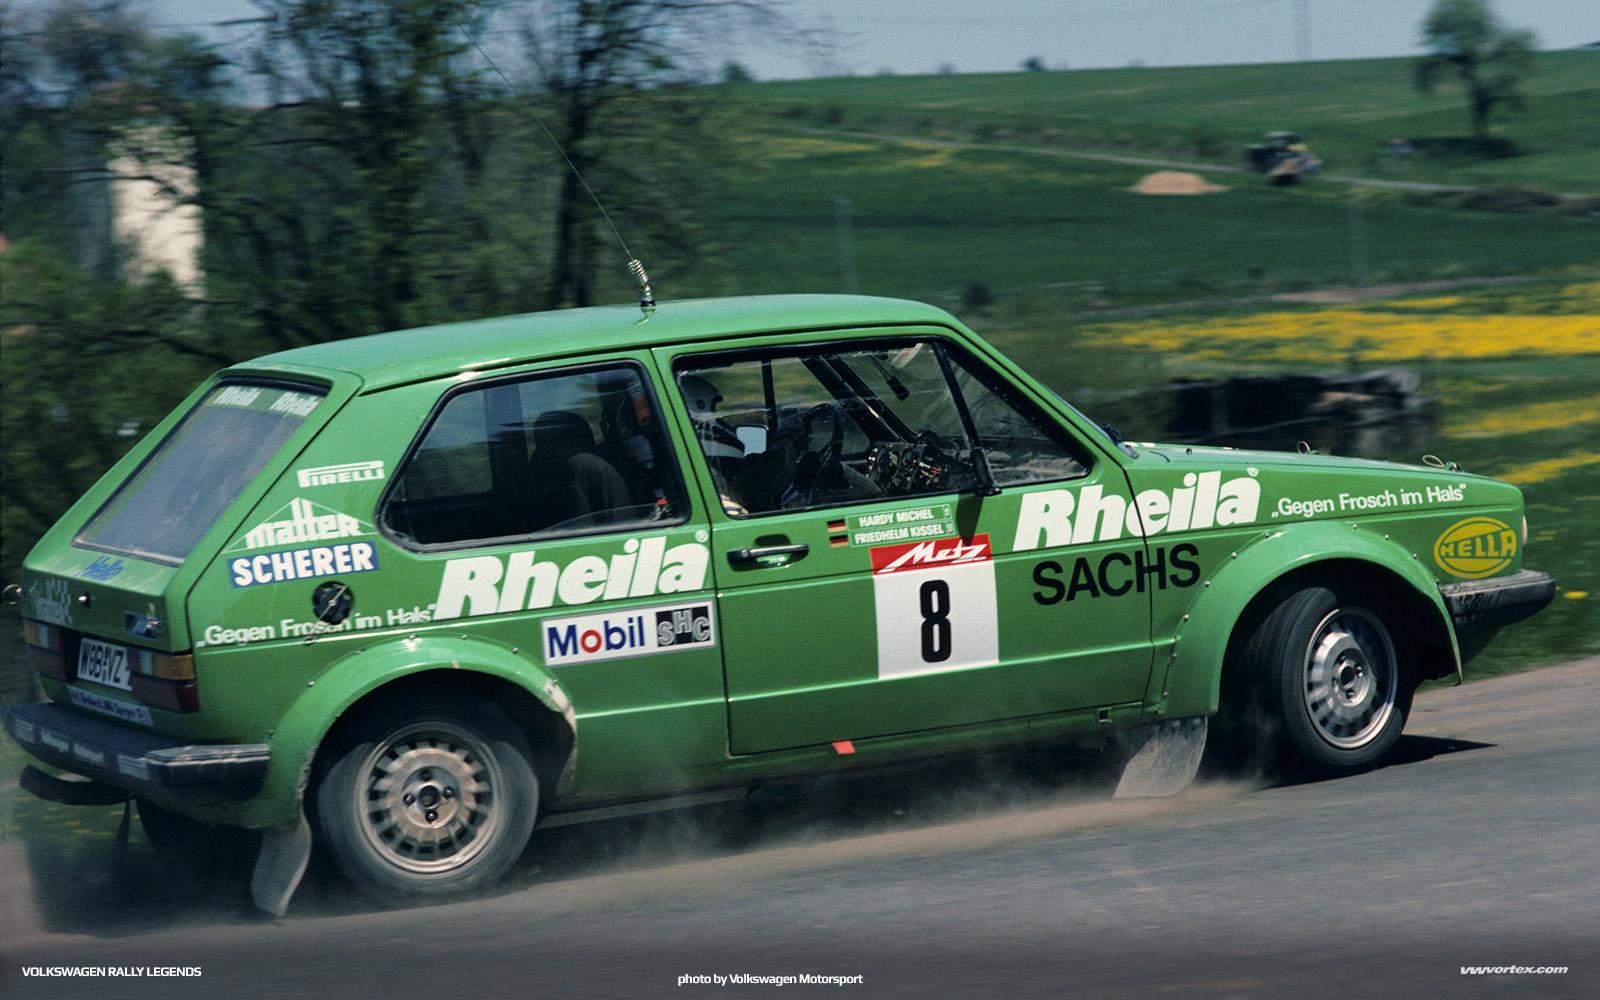 volkswagen-rally-legends-389